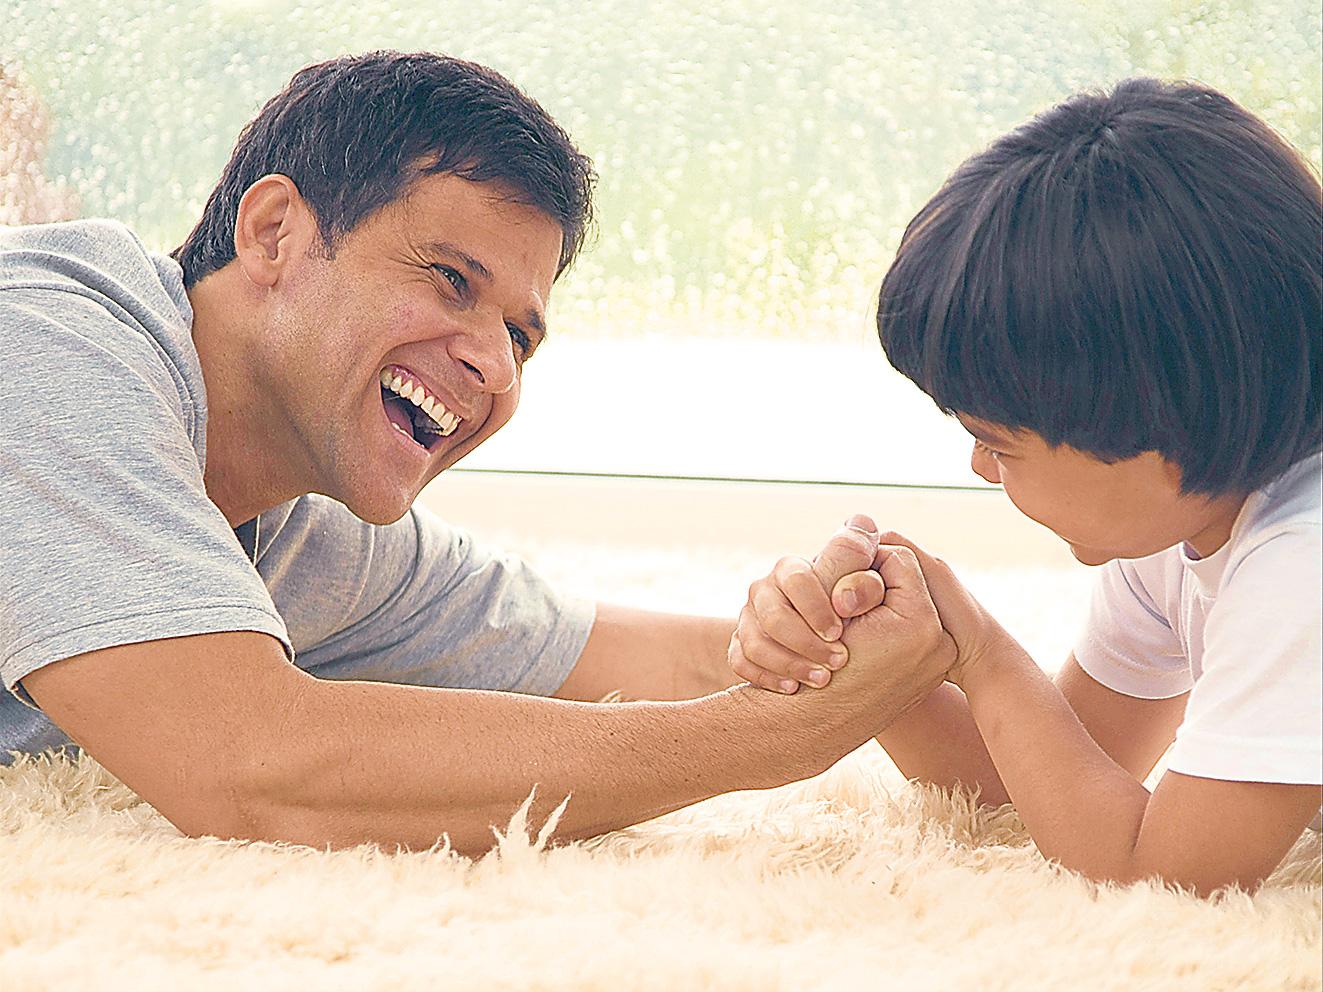 Vater und Sohn beim spielerischen Armdrücken. Thema: Vater-Sohn-Beziehung